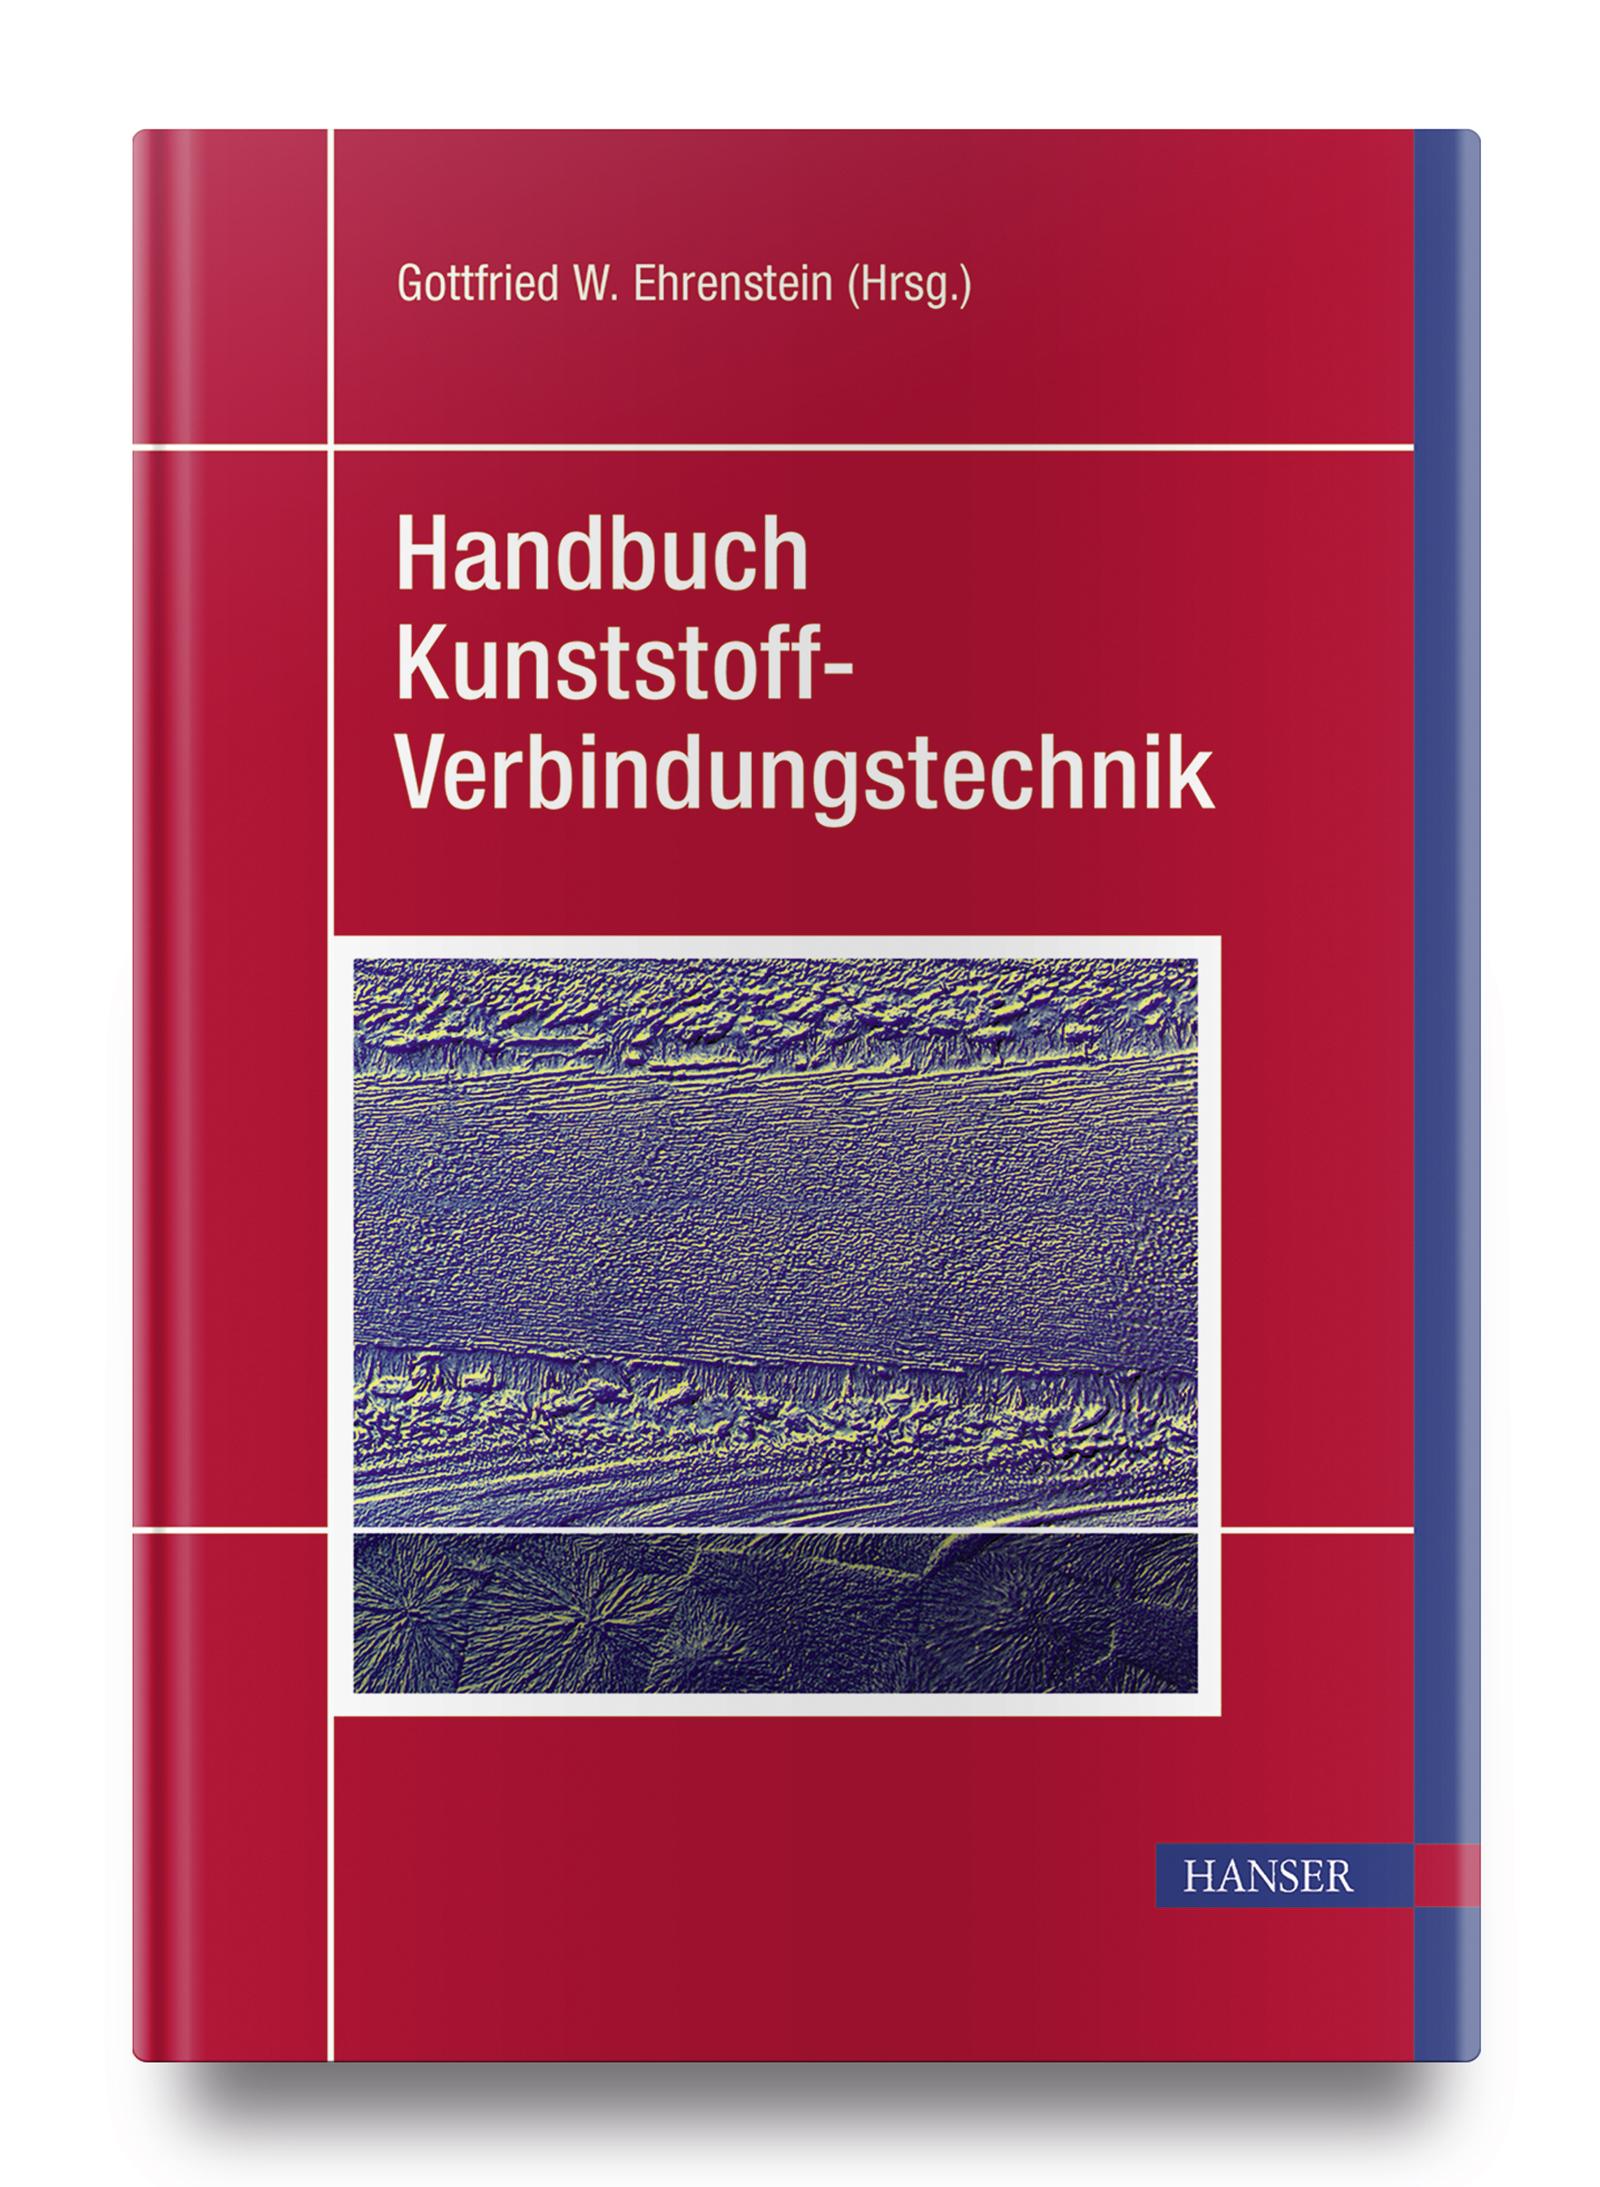 Handbuch Kunststoff-Verbindungstechnik, 978-3-446-22668-5